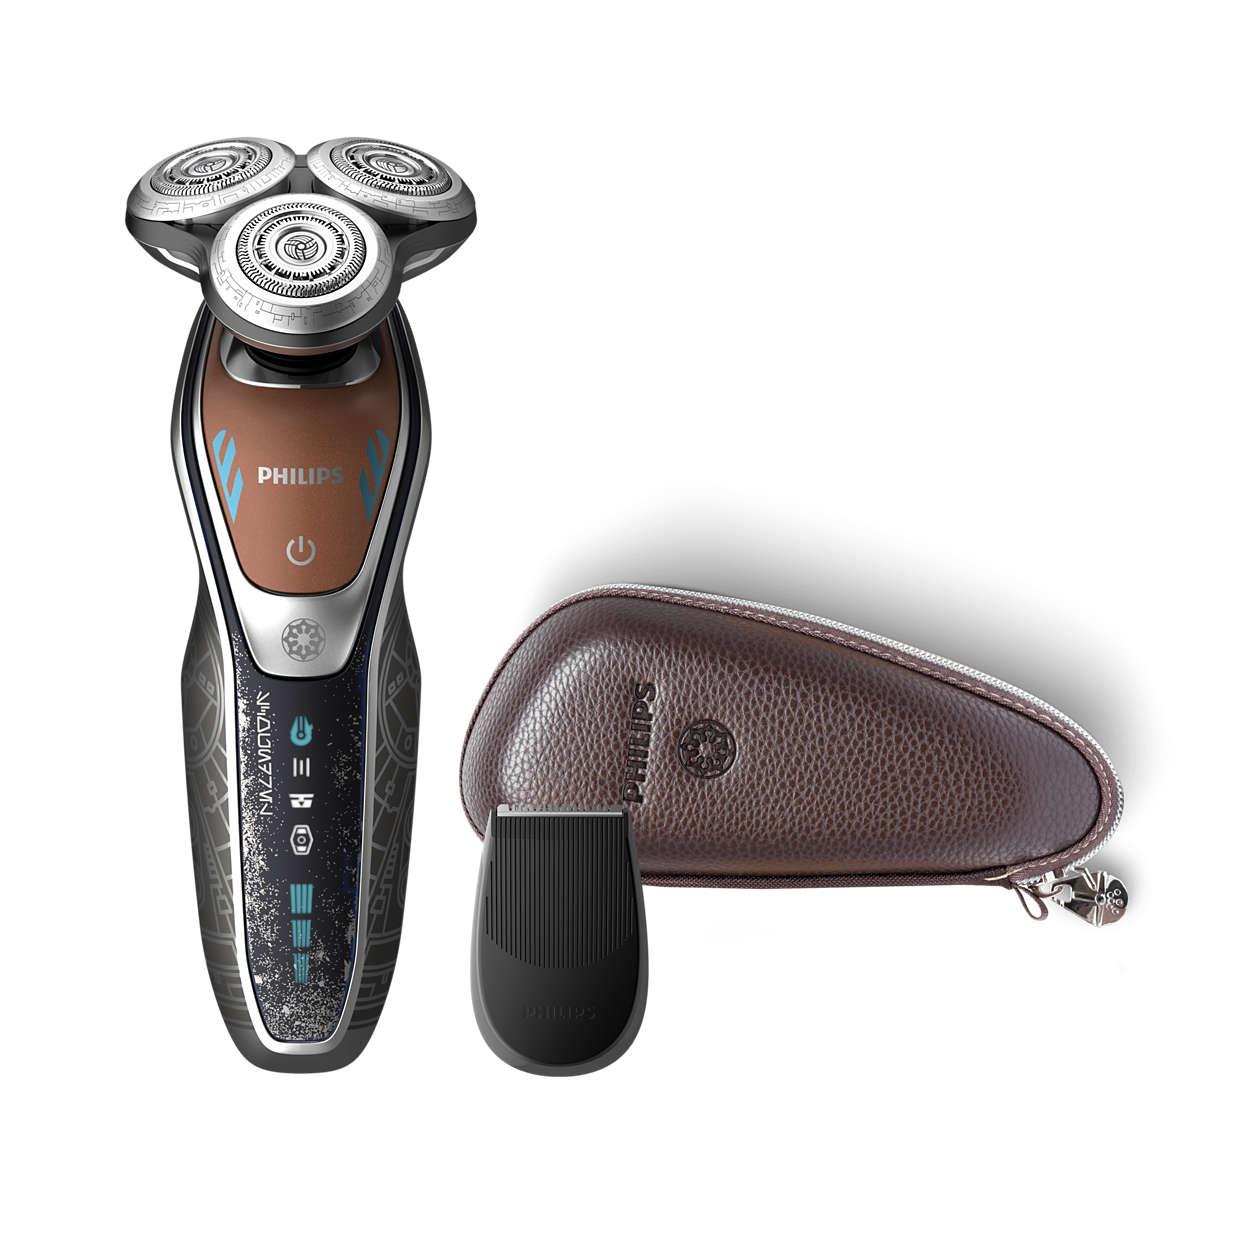 強力刮鬍,優異舒適度和服貼感